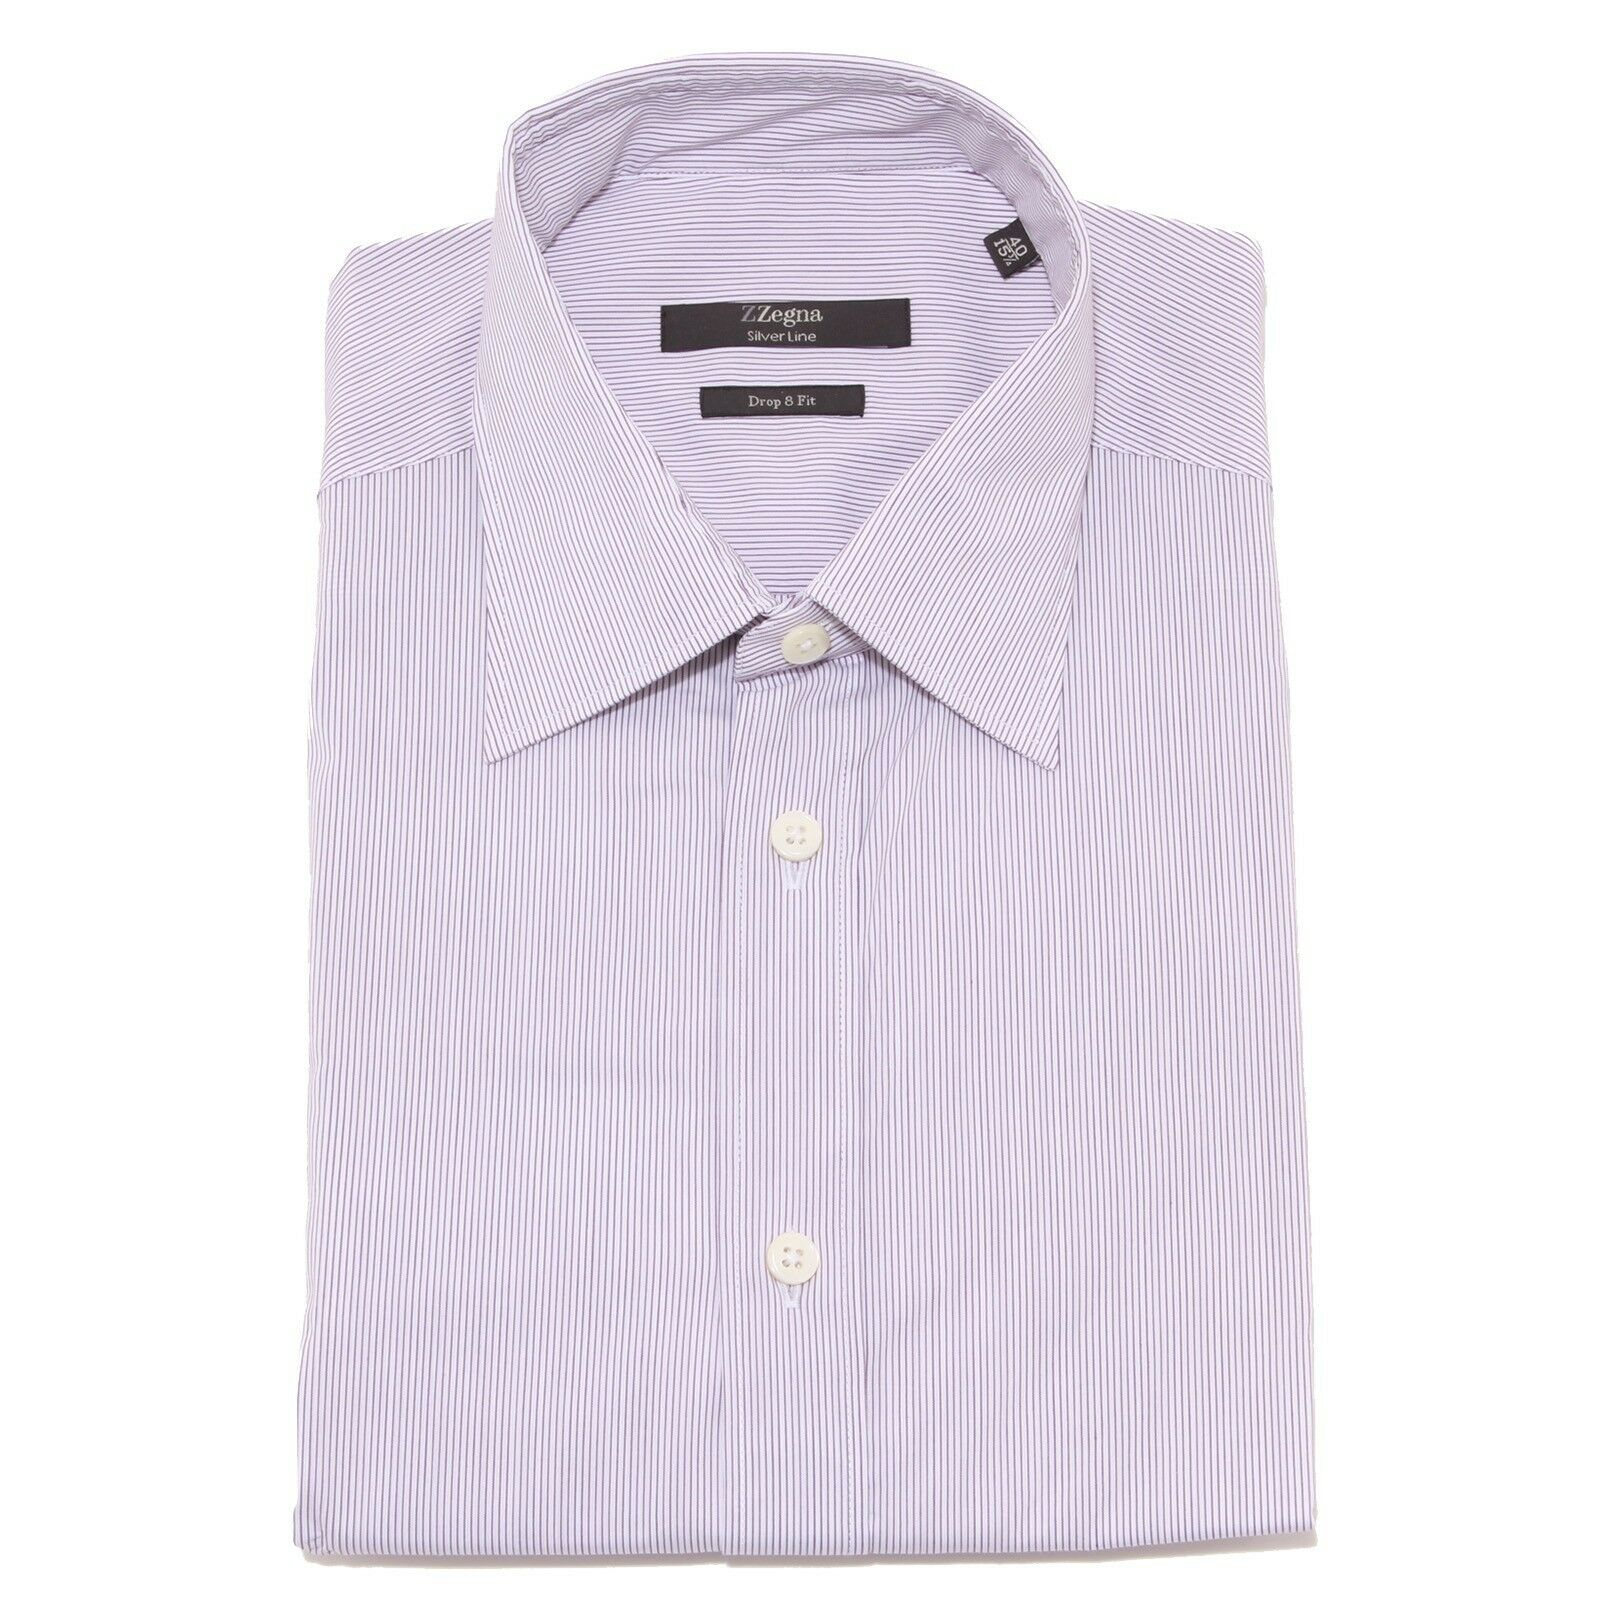 4187O camicia LINEA ZZEGNA ERMENEGILDO ZEGNA uomo shirt men